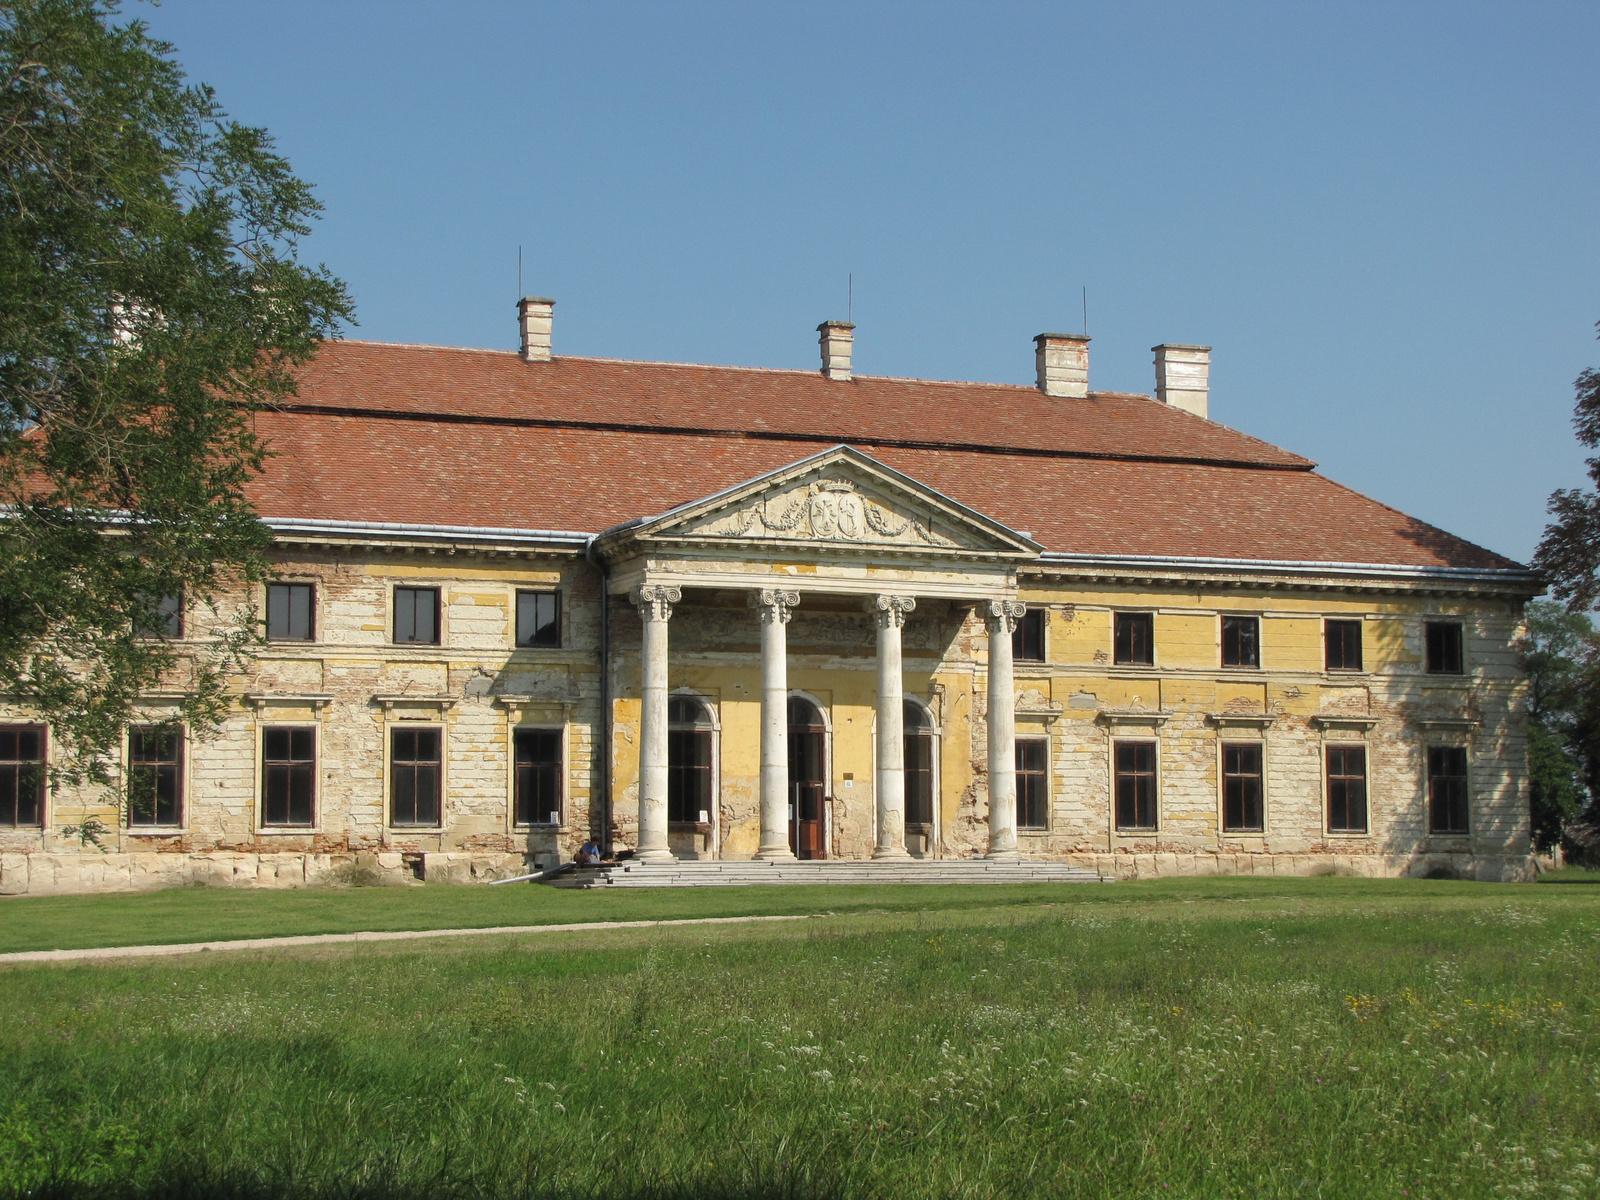 Magyarország, Lovasberény, a Cziráky kastély, SzG3